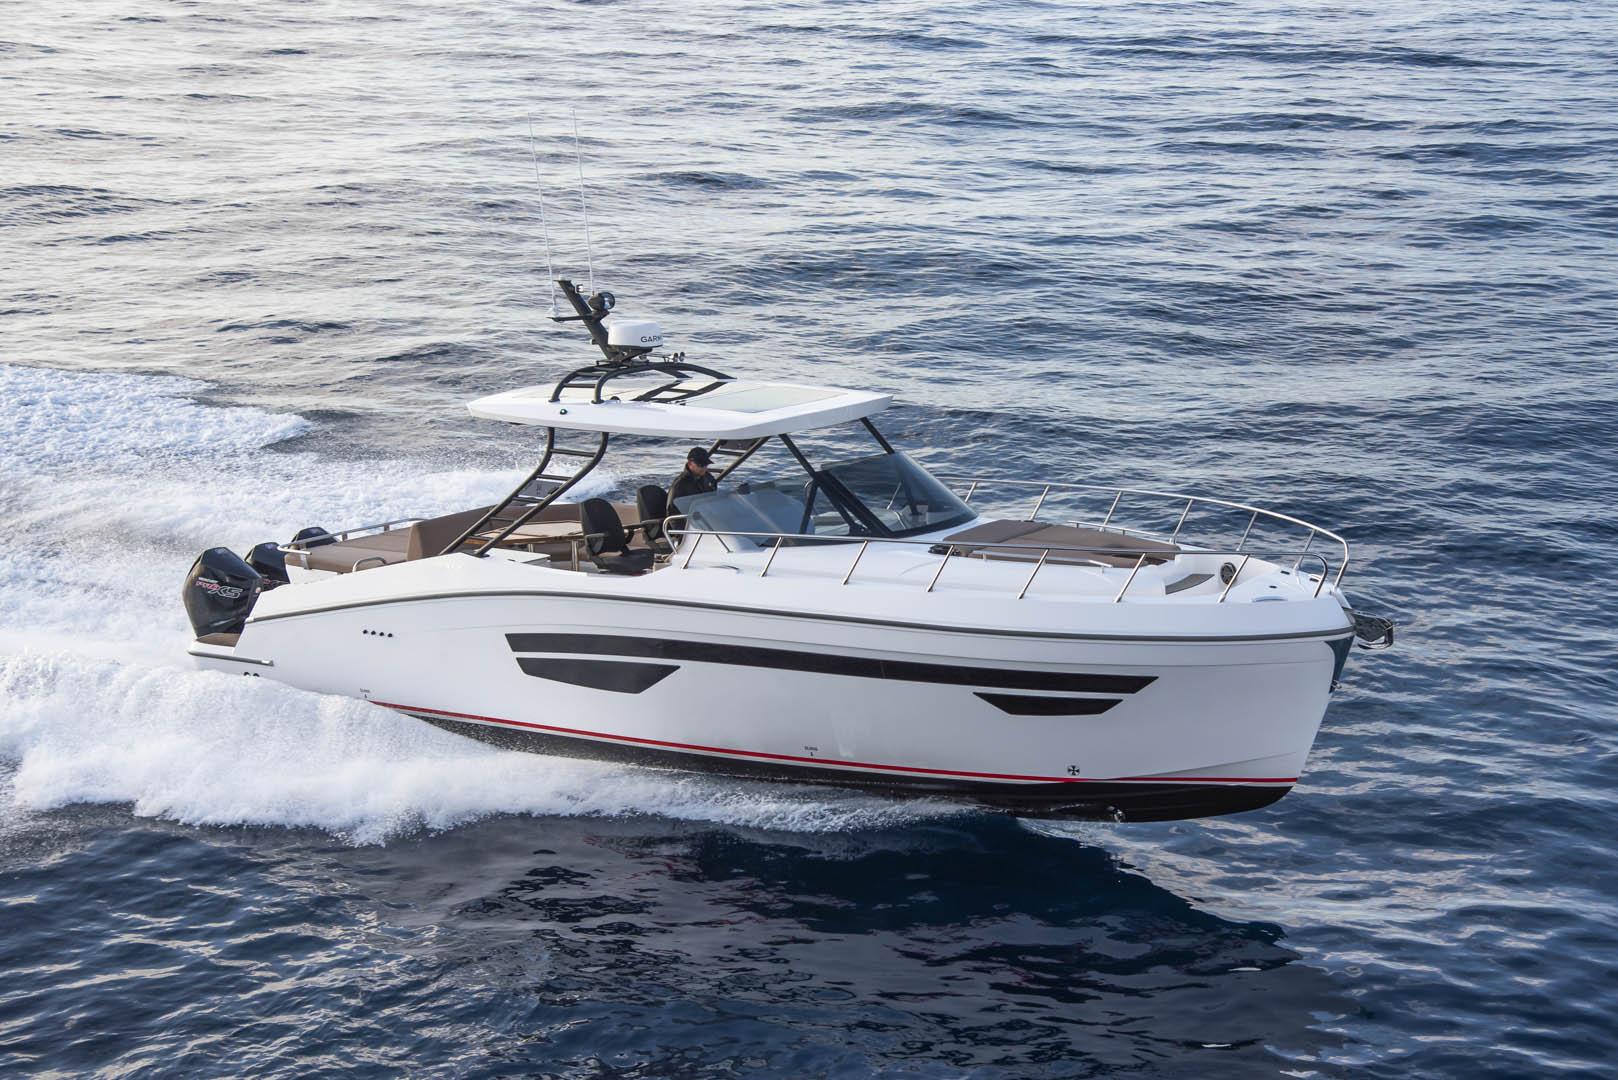 中东最大船厂Gulf Craft推出Oryx379 全新船型